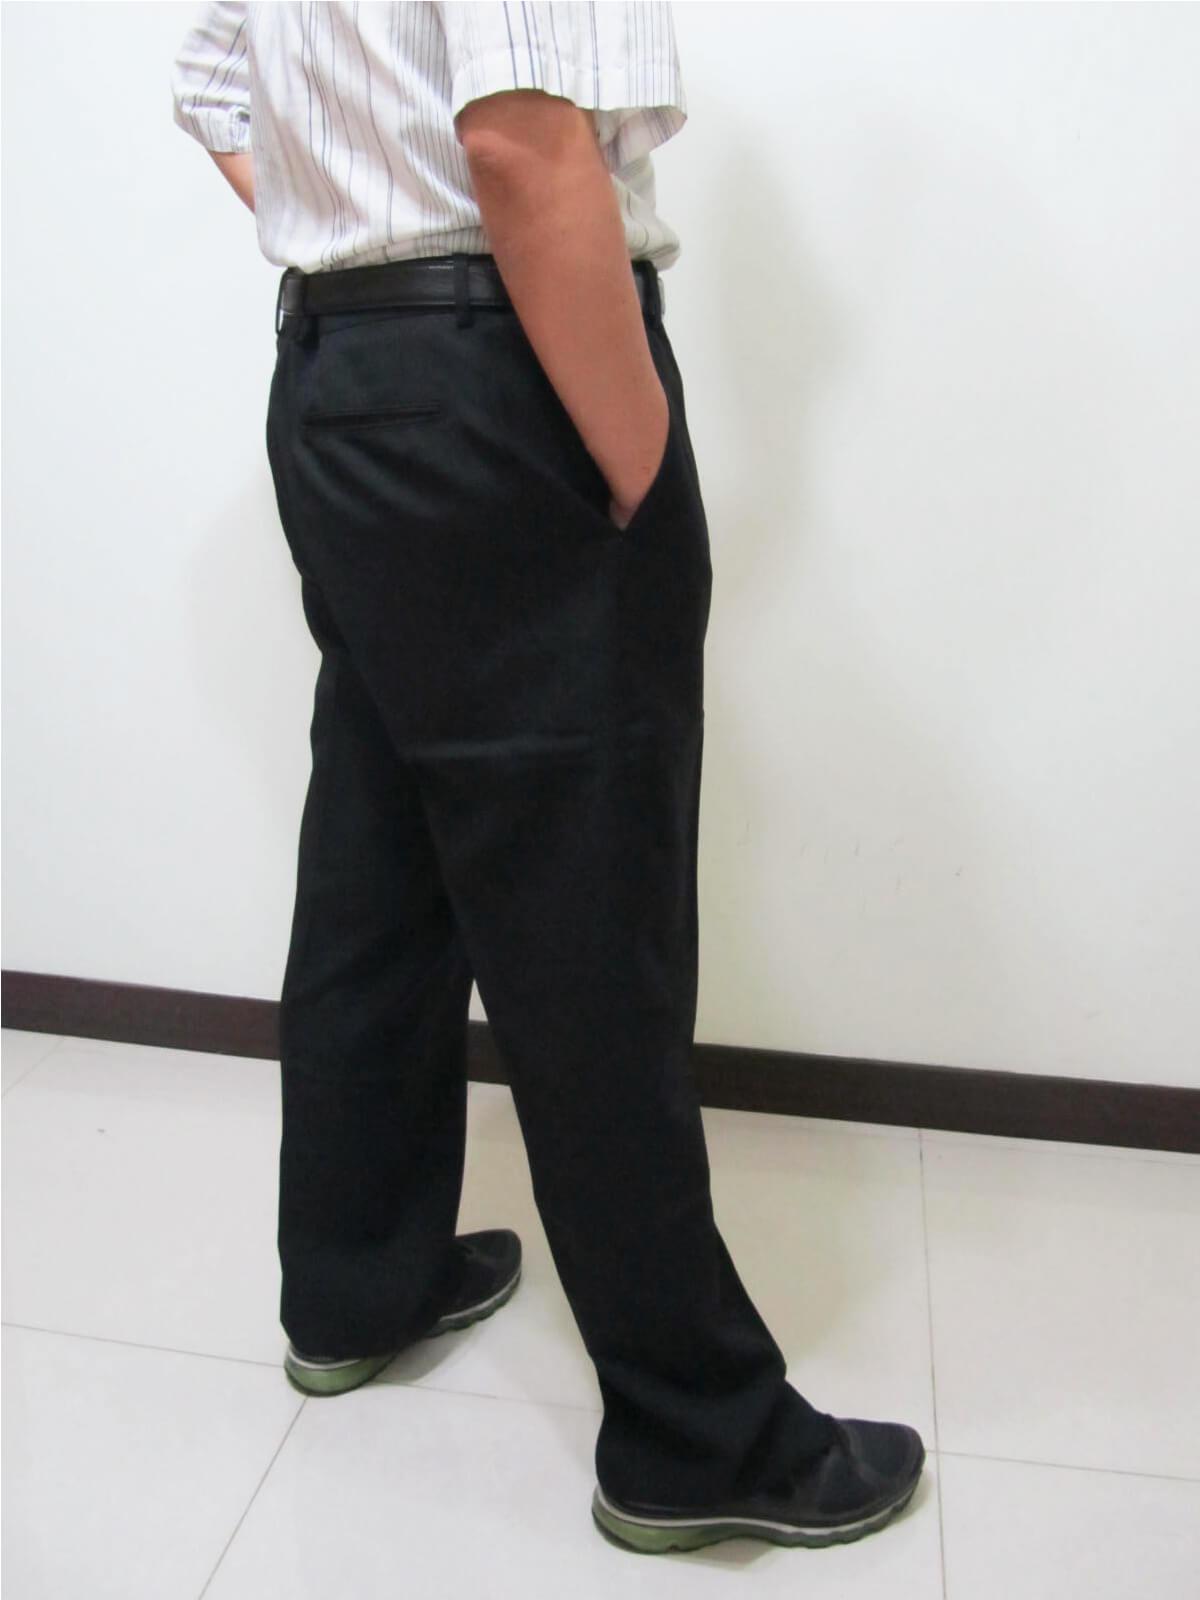 sun-e特加大尺碼西裝褲、加大尺碼平面西裝褲、加大尺碼西褲、正式場合西裝褲、標準西裝褲、上班西裝褲、商務西裝褲、黑色西裝褲、深藍西裝褲、腰圍有皮帶環(褲耳)、褲檔有拉鍊(321-7006-01)深藍(321-7006-02)黑色 腰圍:42 44 46 48 50 52 54 56(英吋) 2